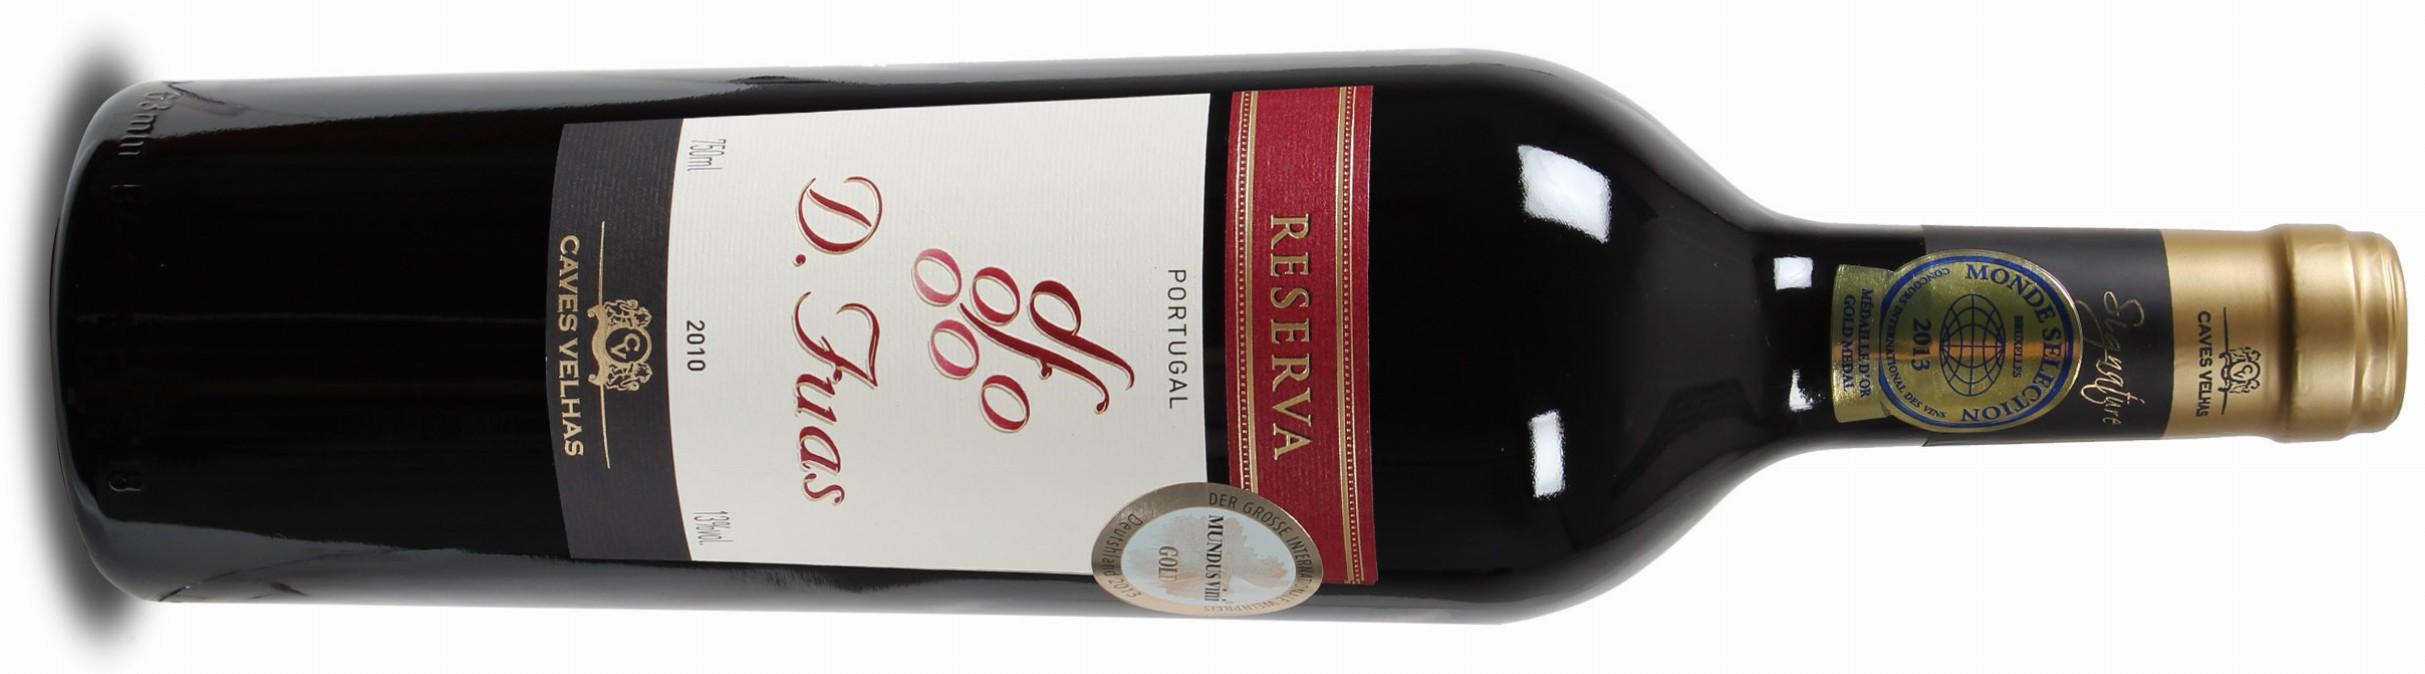 D. Fuas Vinho Regional